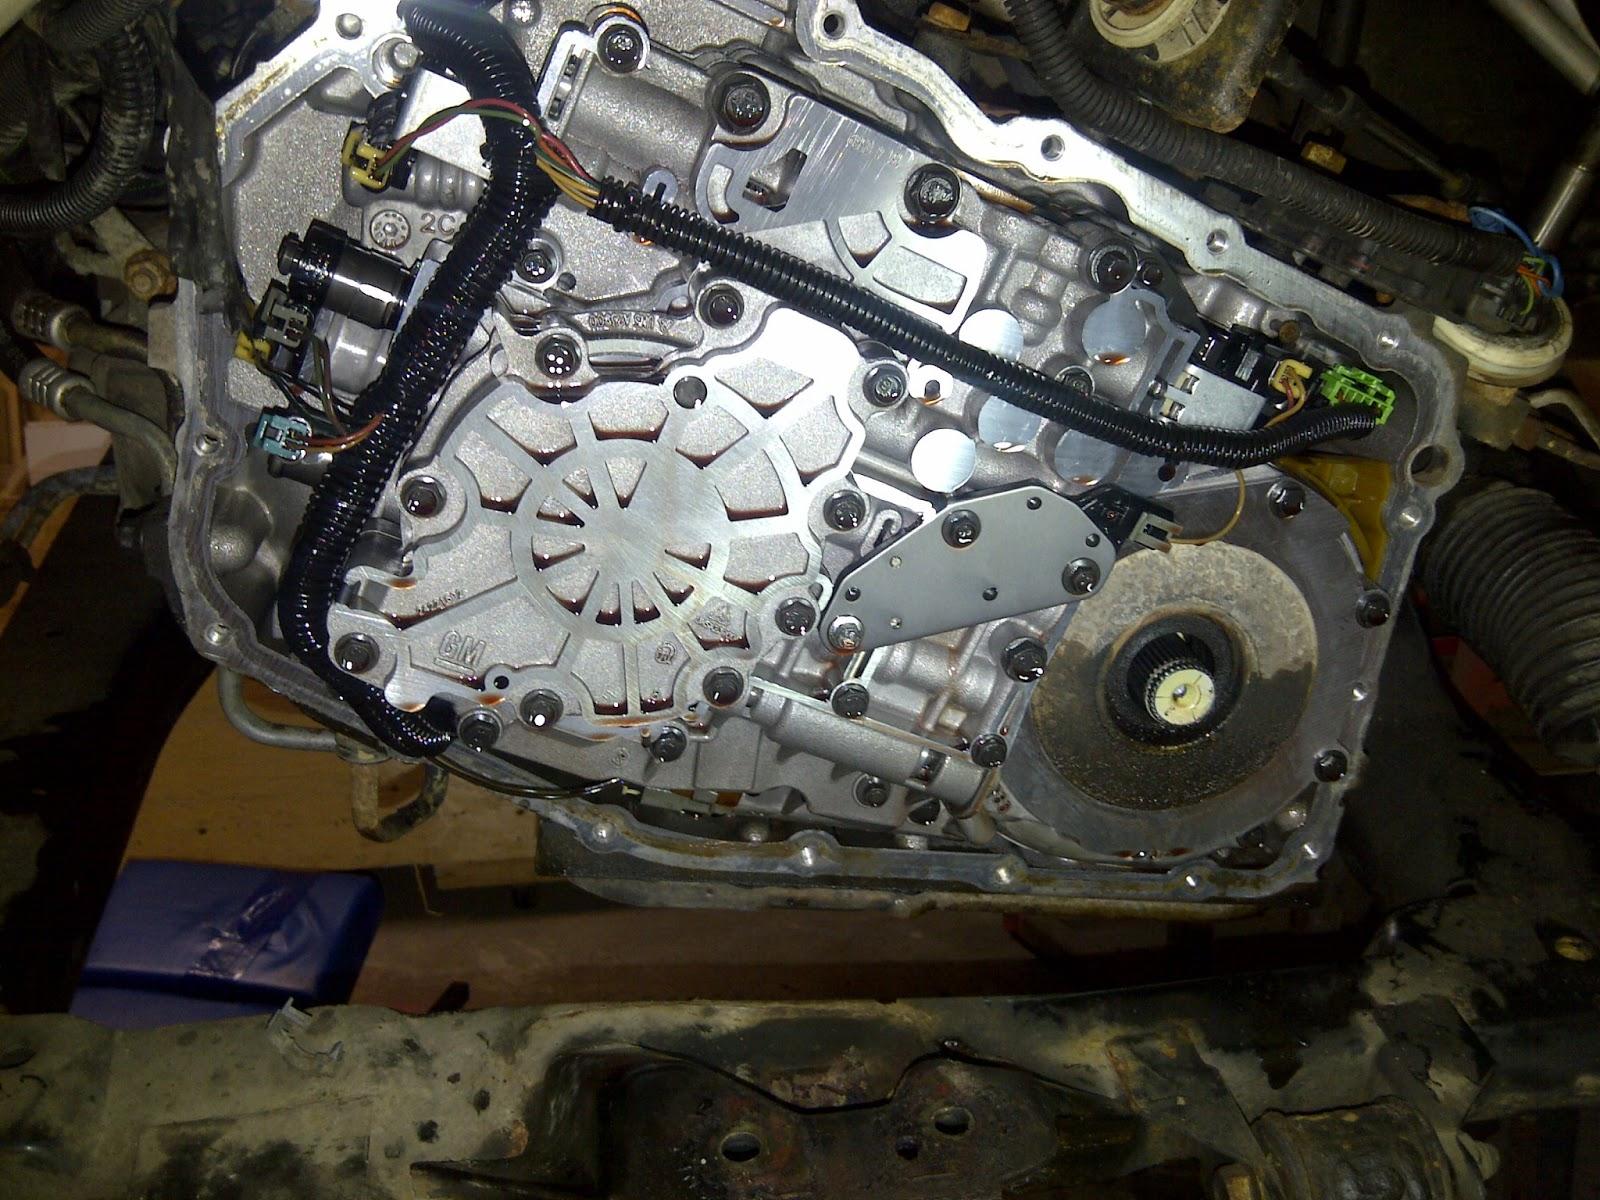 2006 Pontiac Montana Sv6 Transmission Diagram. Pontiac